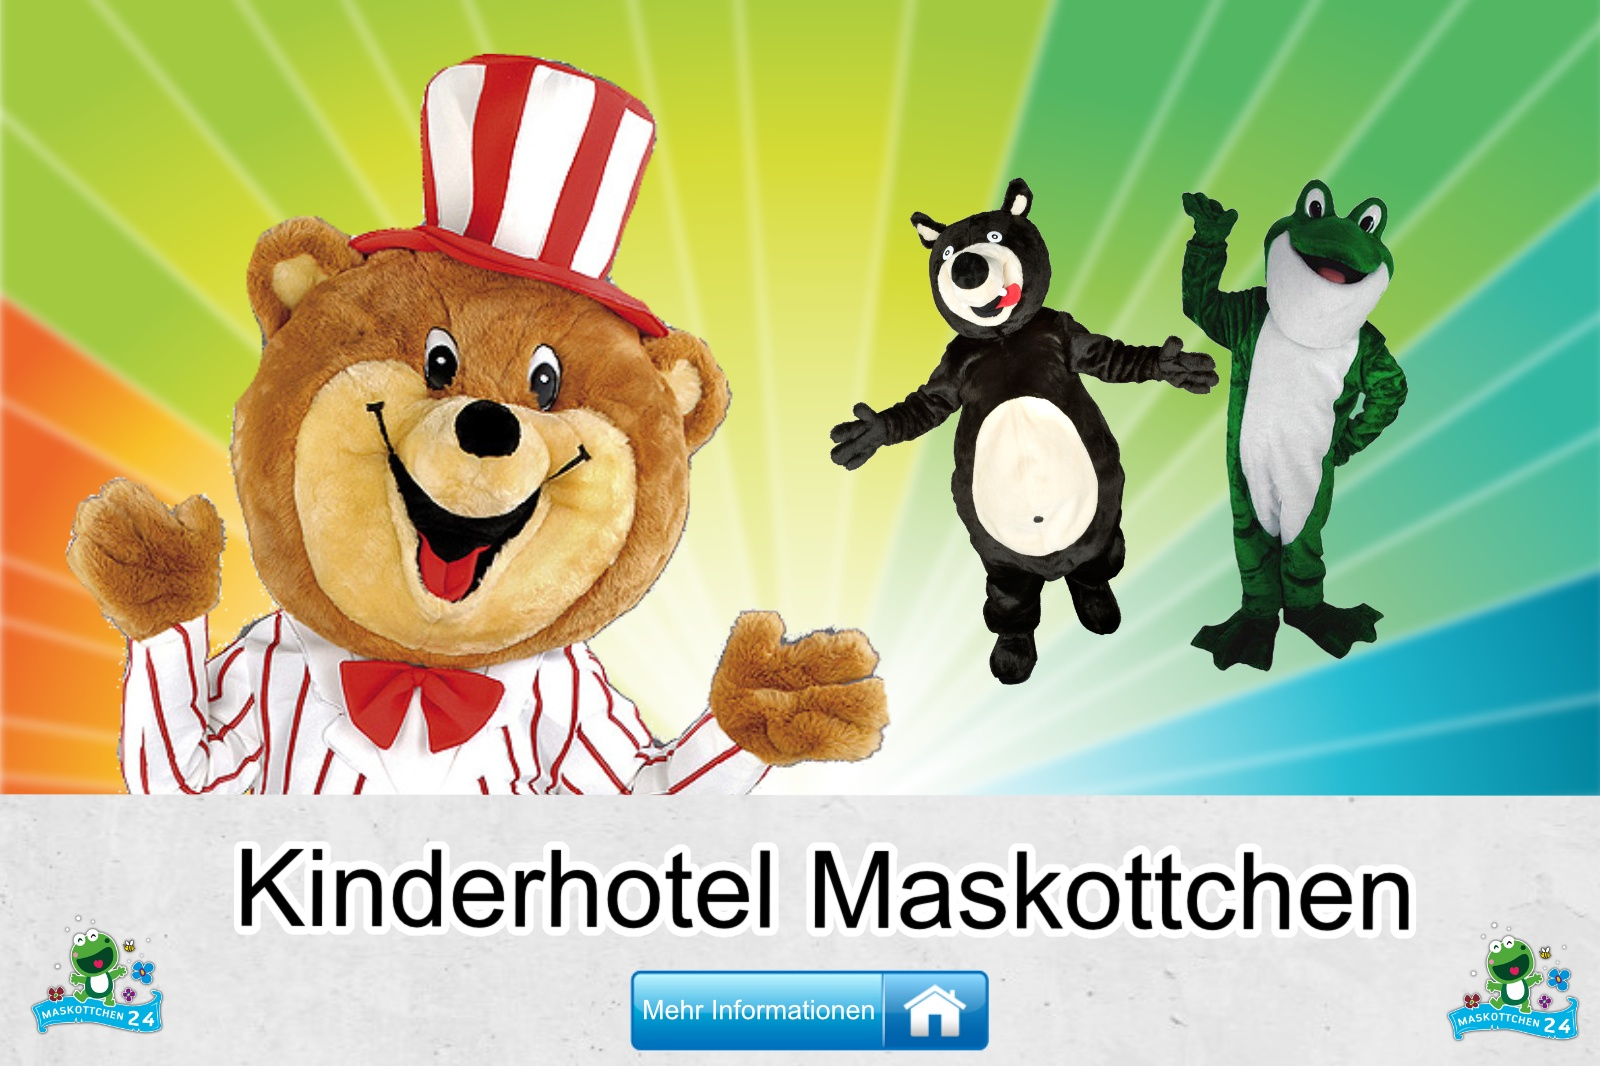 Kinderhotel Kostüm kaufen, günstige Produktion / Herstellung